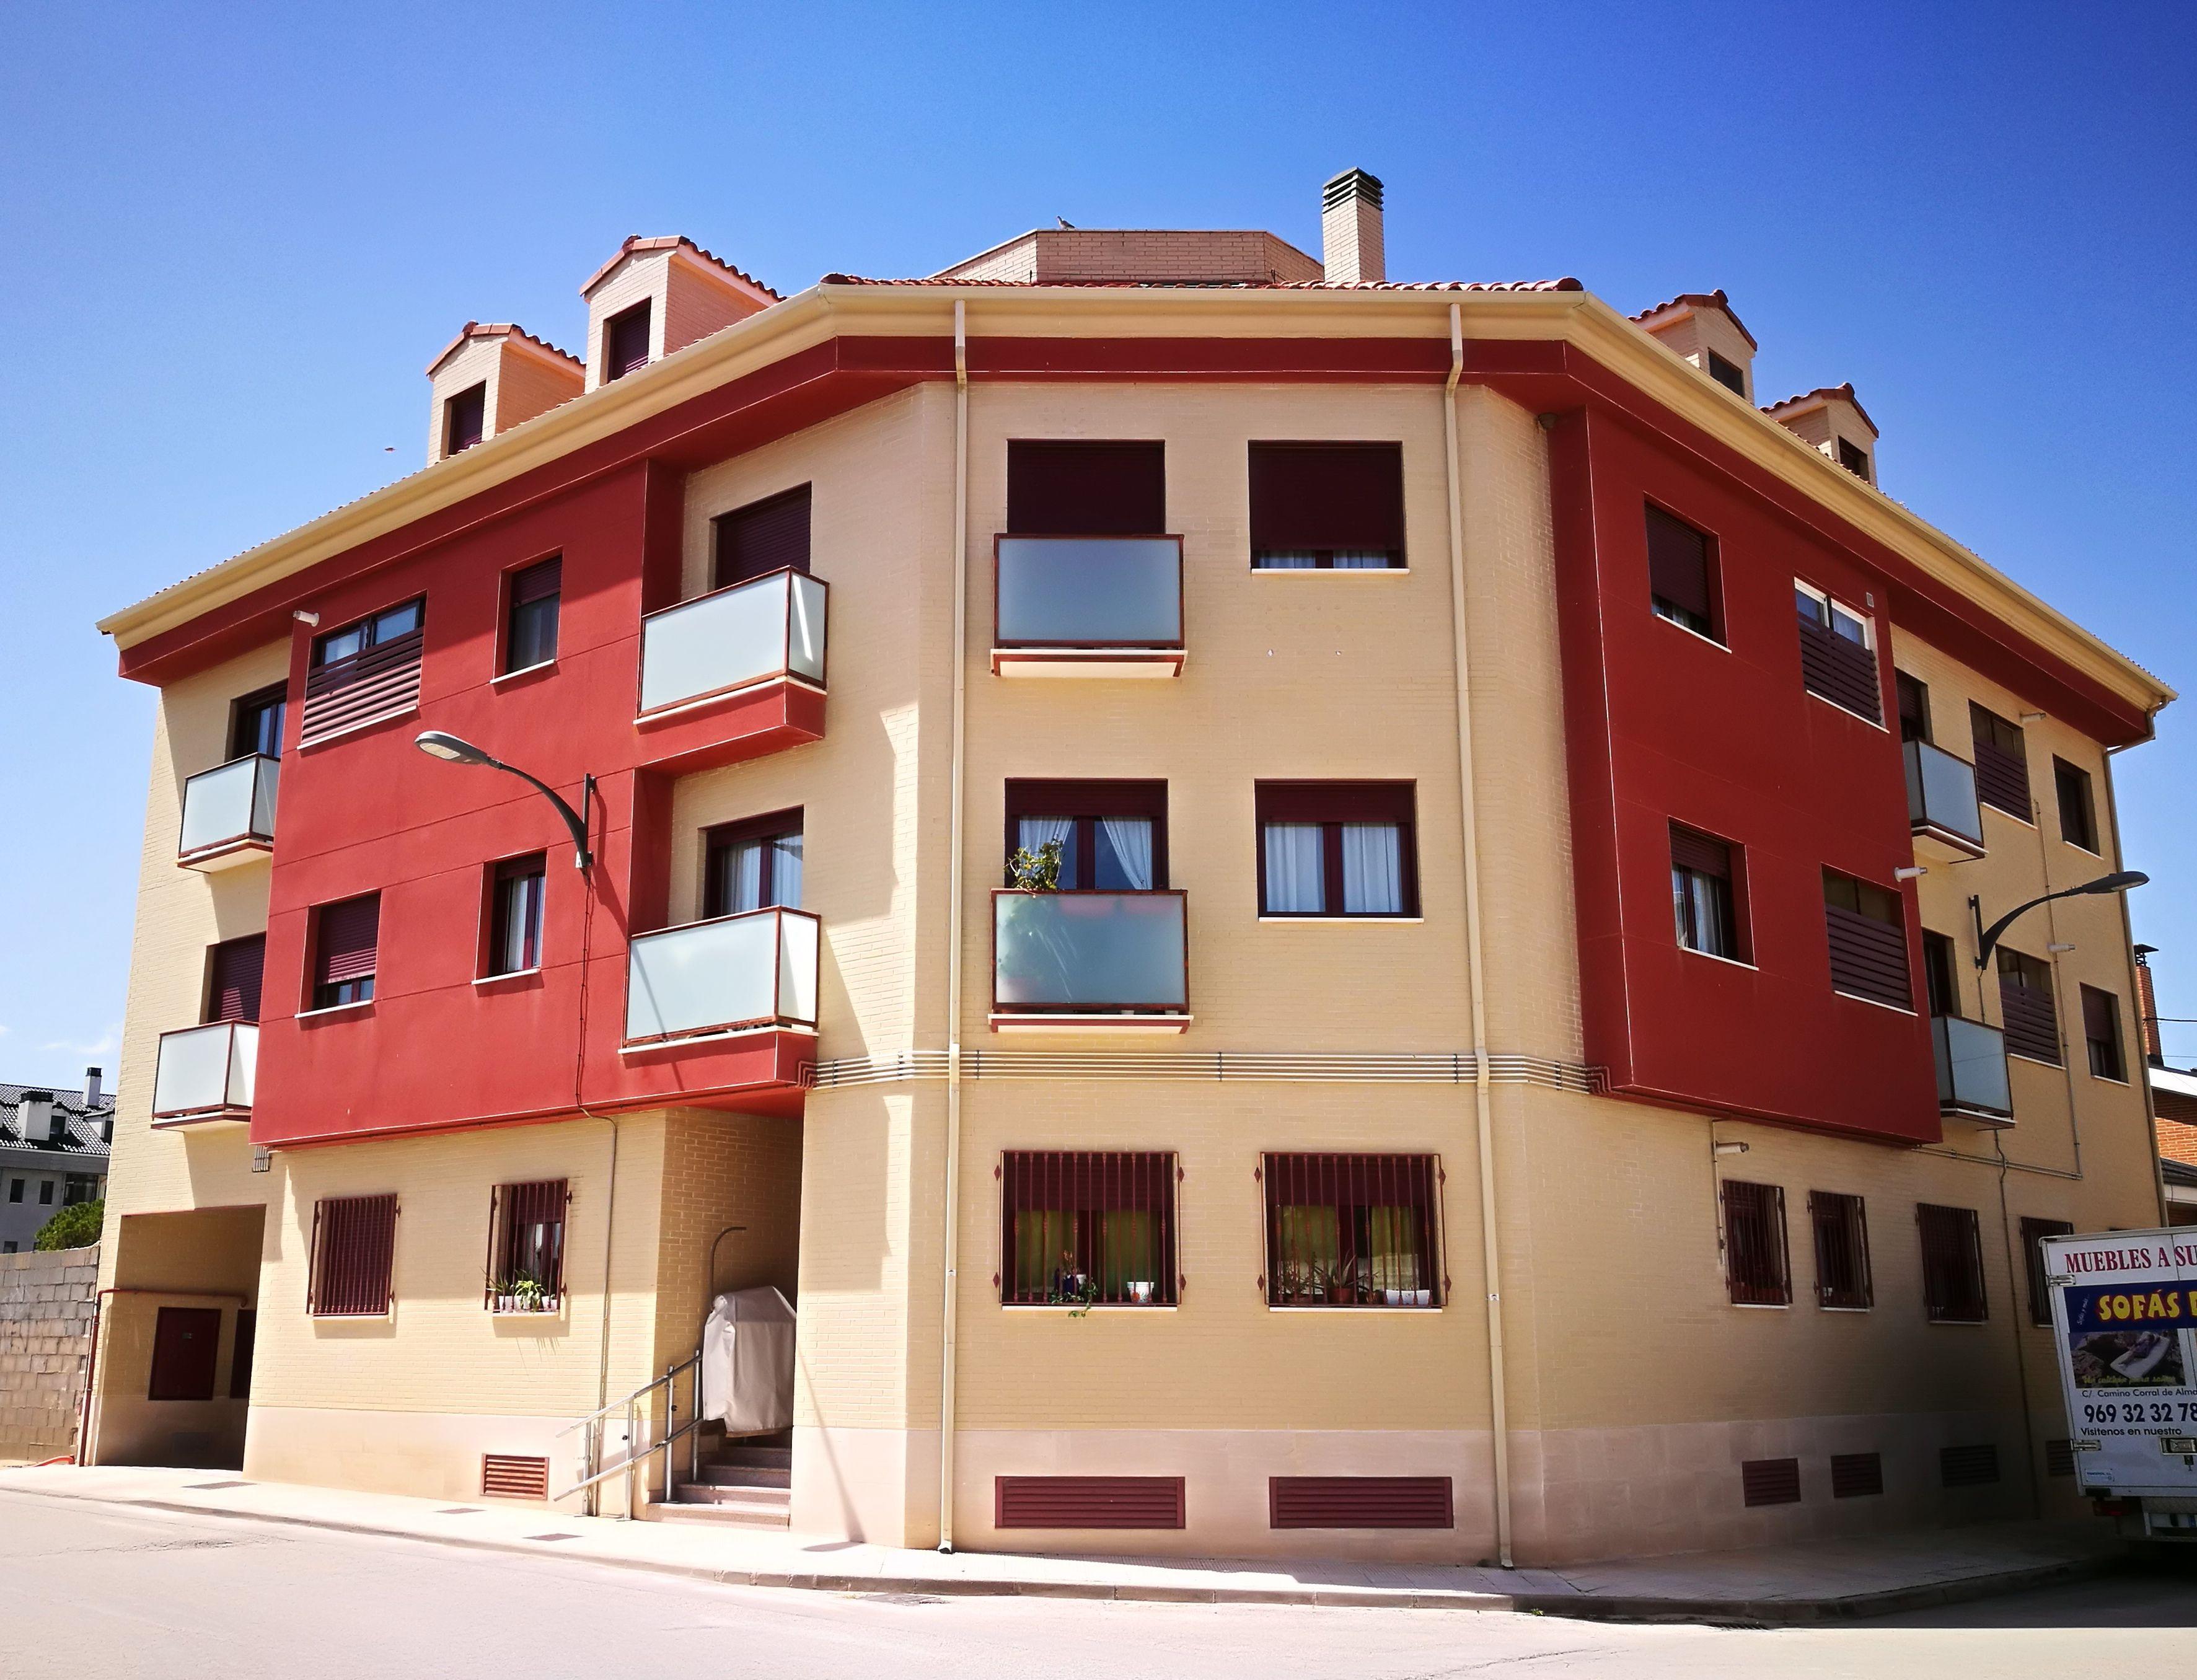 Estudio arquitectura Cuenca